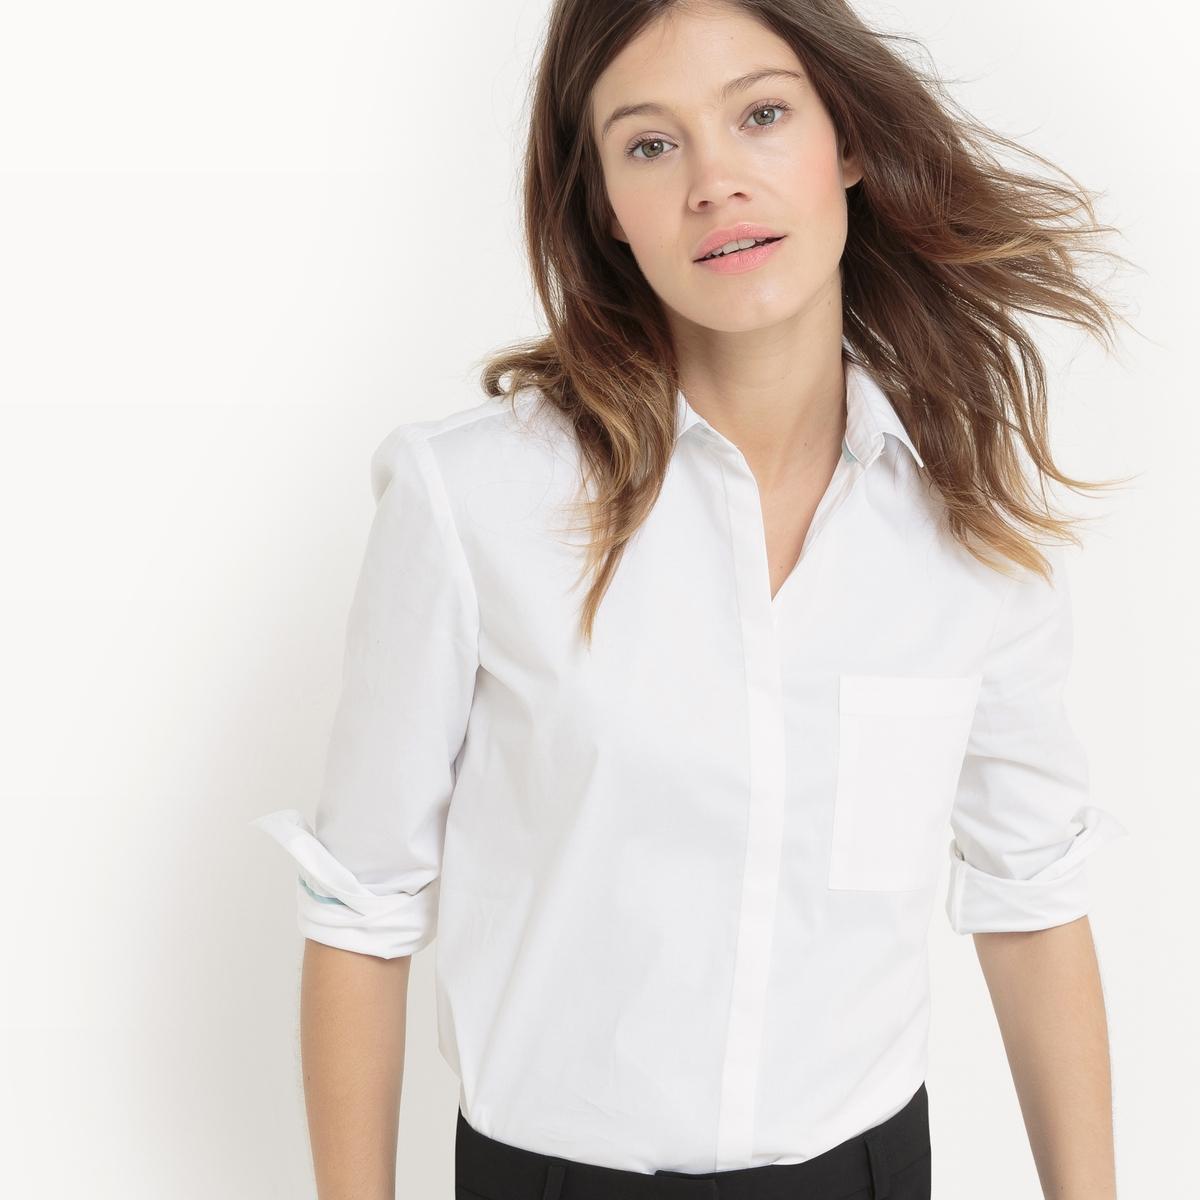 Рубашка прямого покроя из хлопкаМатериал : 98% хлопка, 2% эластана  Покрой : Прямой Длина рукава : Длинные рукава Форма воротника : Рубашечный воротник-поло Длина рубашки : Стандартная Покрой рубашки : Прямой Рисунок : Однотонная модель   Стирка : машинная стирка при 30 °С в деликатном режиме Уход : сухая (химическая) чистка и отбеливание запрещены Машинная сушка : барабанная сушка в умеренном режиме Глажка : гладить при низкой температуре<br><br>Цвет: белый,серо-синий,темно-синий,черный<br>Размер: 50 (FR) - 56 (RUS).46 (FR) - 52 (RUS).42 (FR) - 48 (RUS).42 (FR) - 48 (RUS).34 (FR) - 40 (RUS).40 (FR) - 46 (RUS)